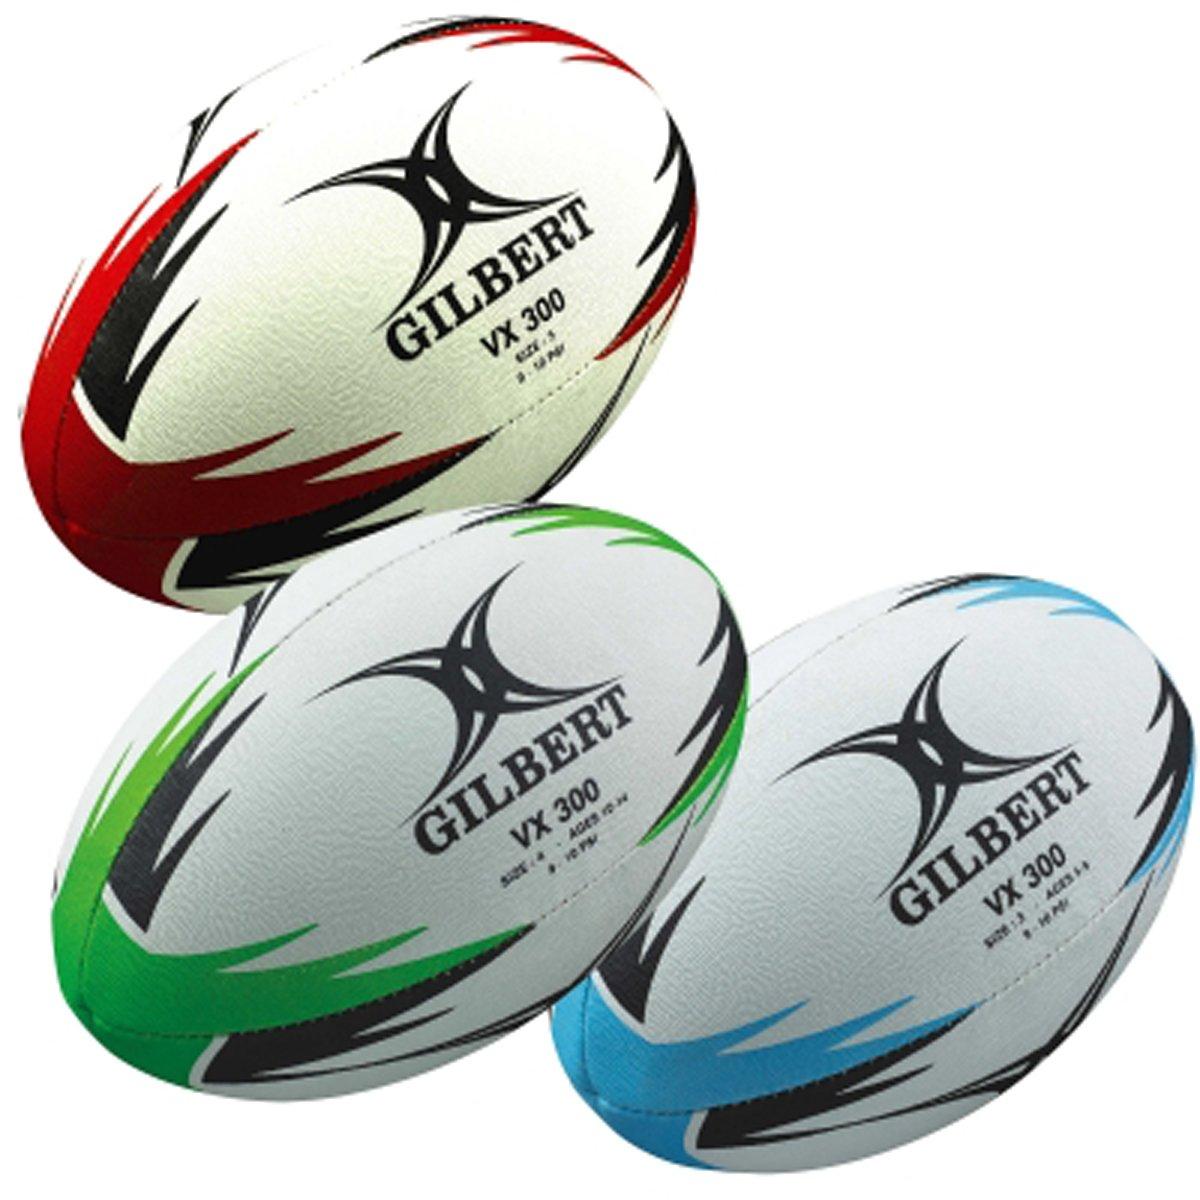 GILBERT VX300 - Balón de Rugby, Multicolor: Amazon.es: Deportes y ...